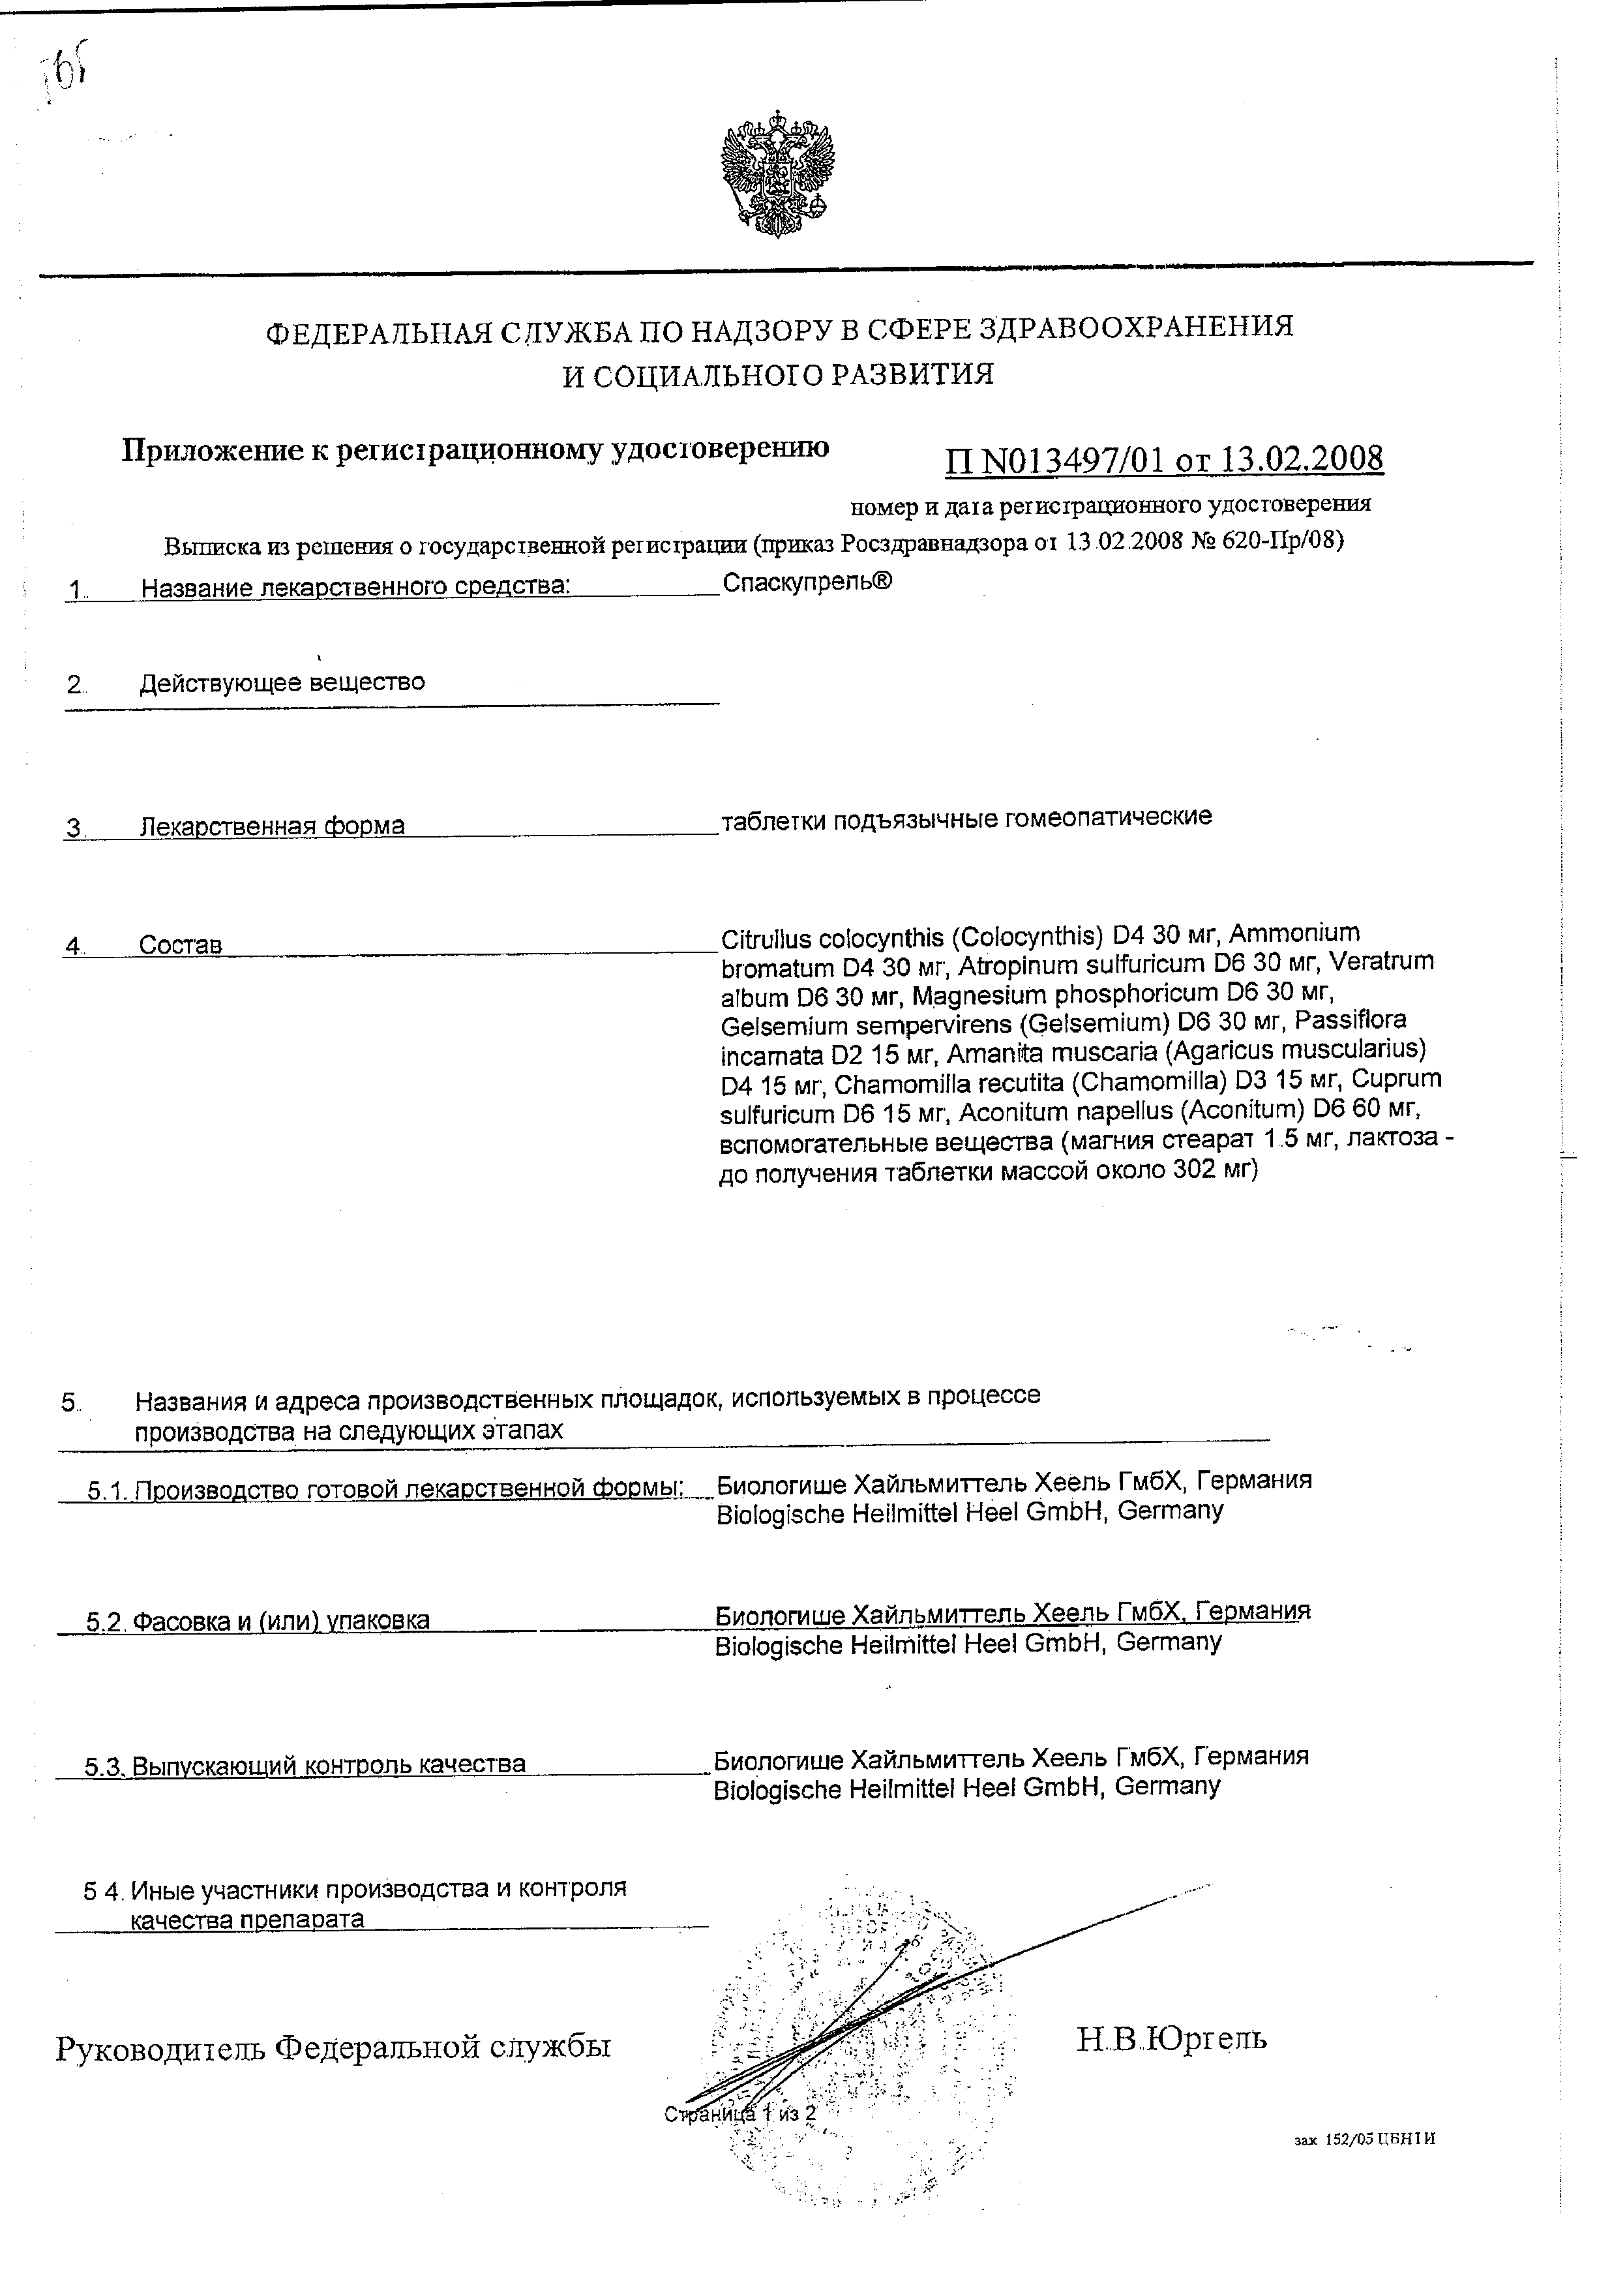 Спаскупрель сертификат